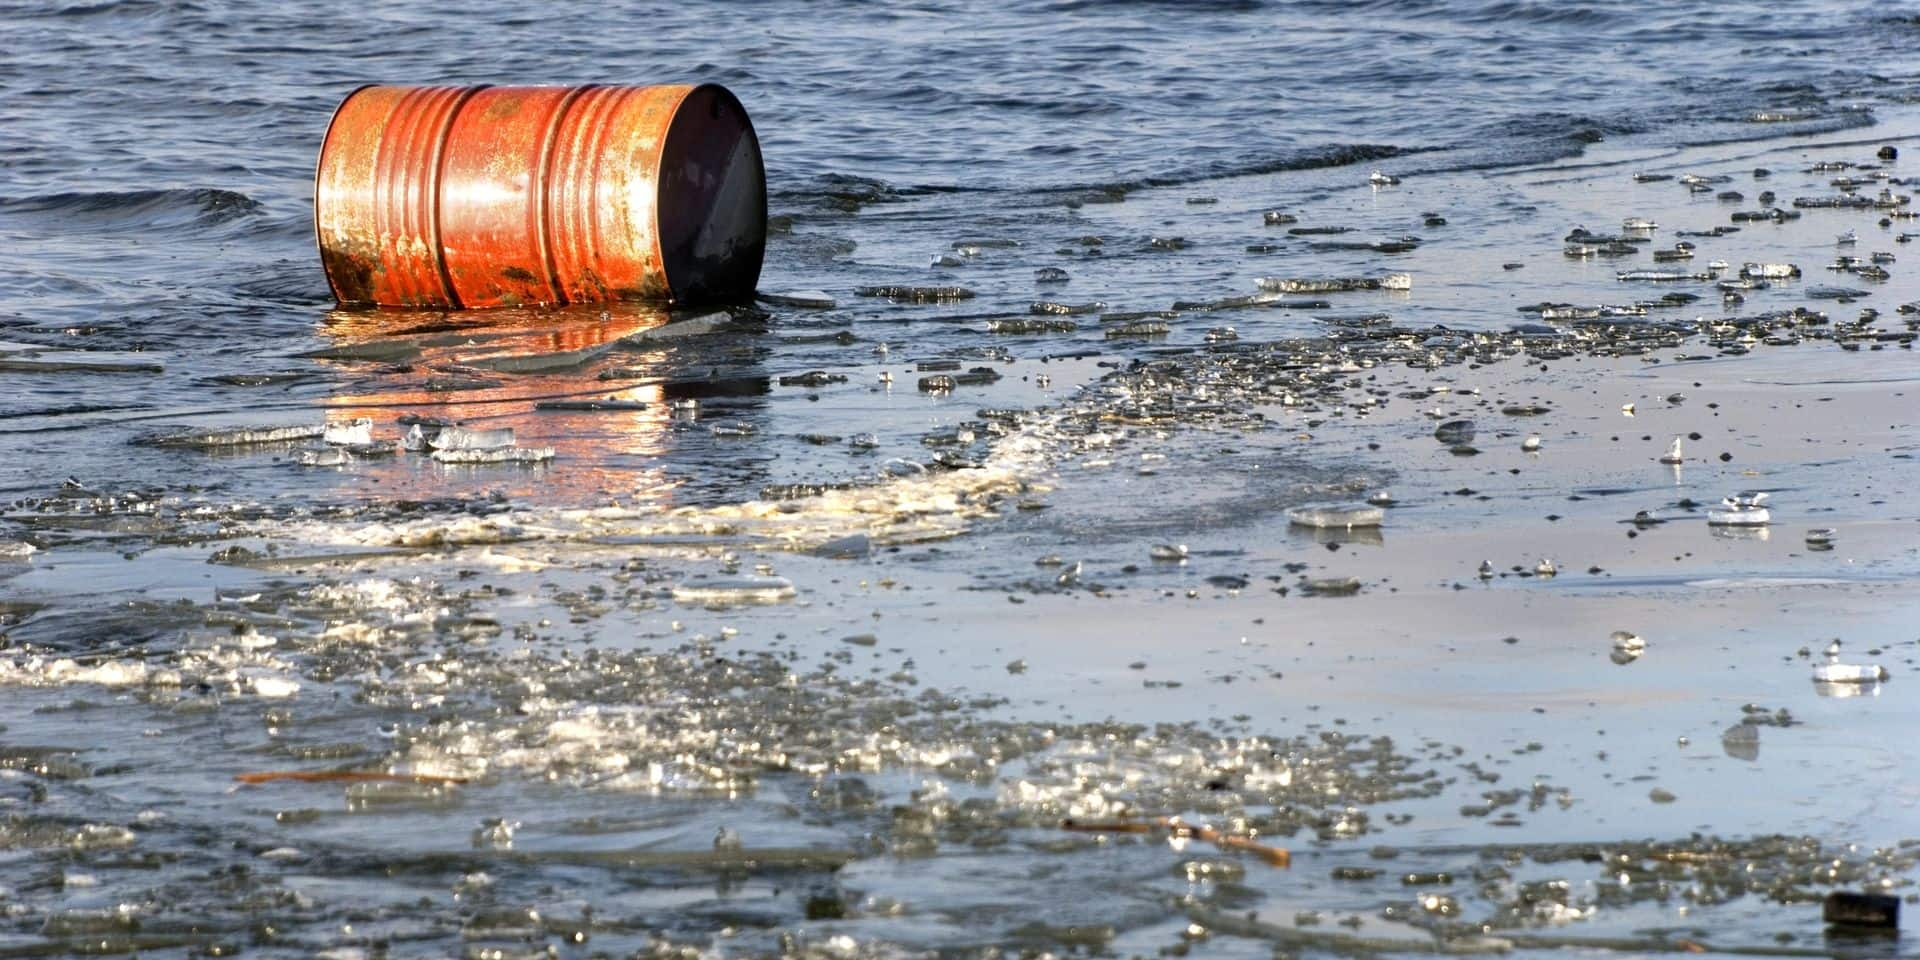 Le géant minier Norilsk Nickel va payer une amende record pour avoir pollué l'Arctique russe